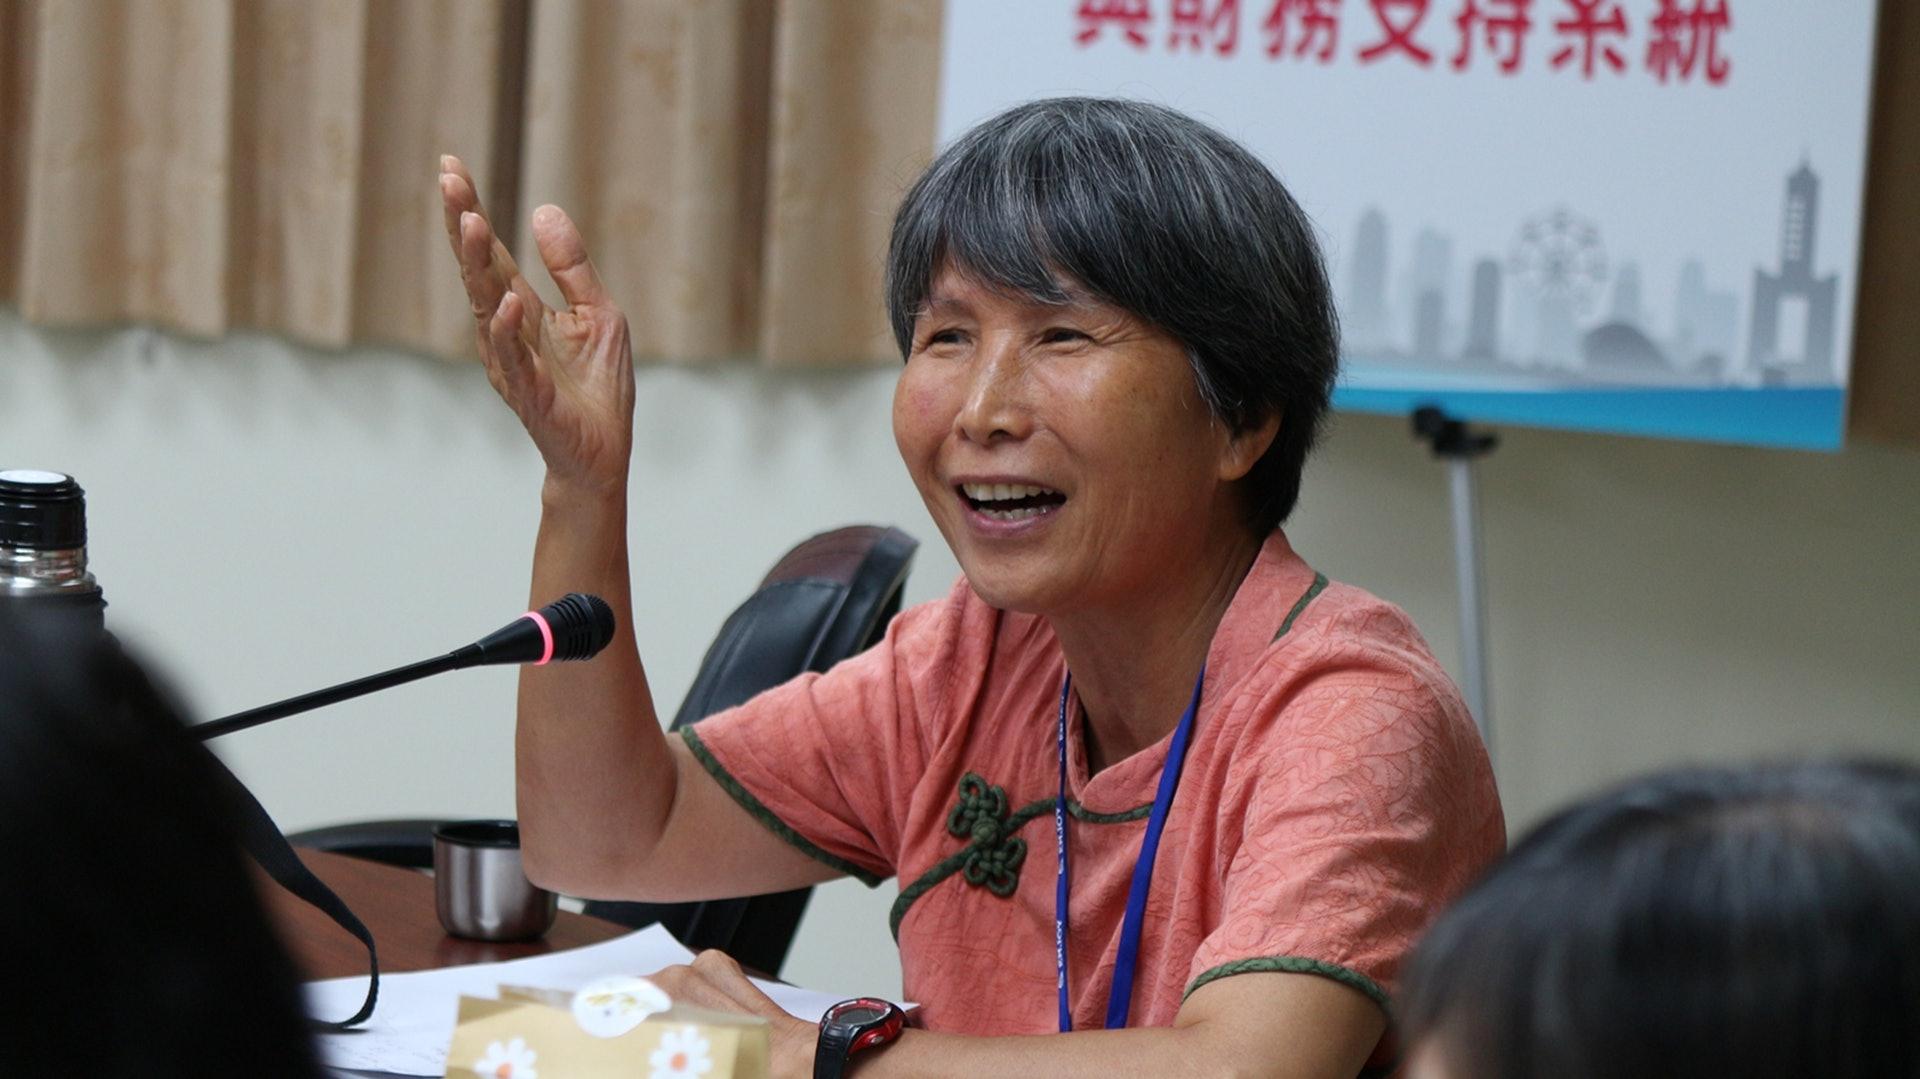 陳美霞教授長期關注兩岸公衛體系,點出兩岸目前制度的缺陷。(台灣衛生促進協會提供)